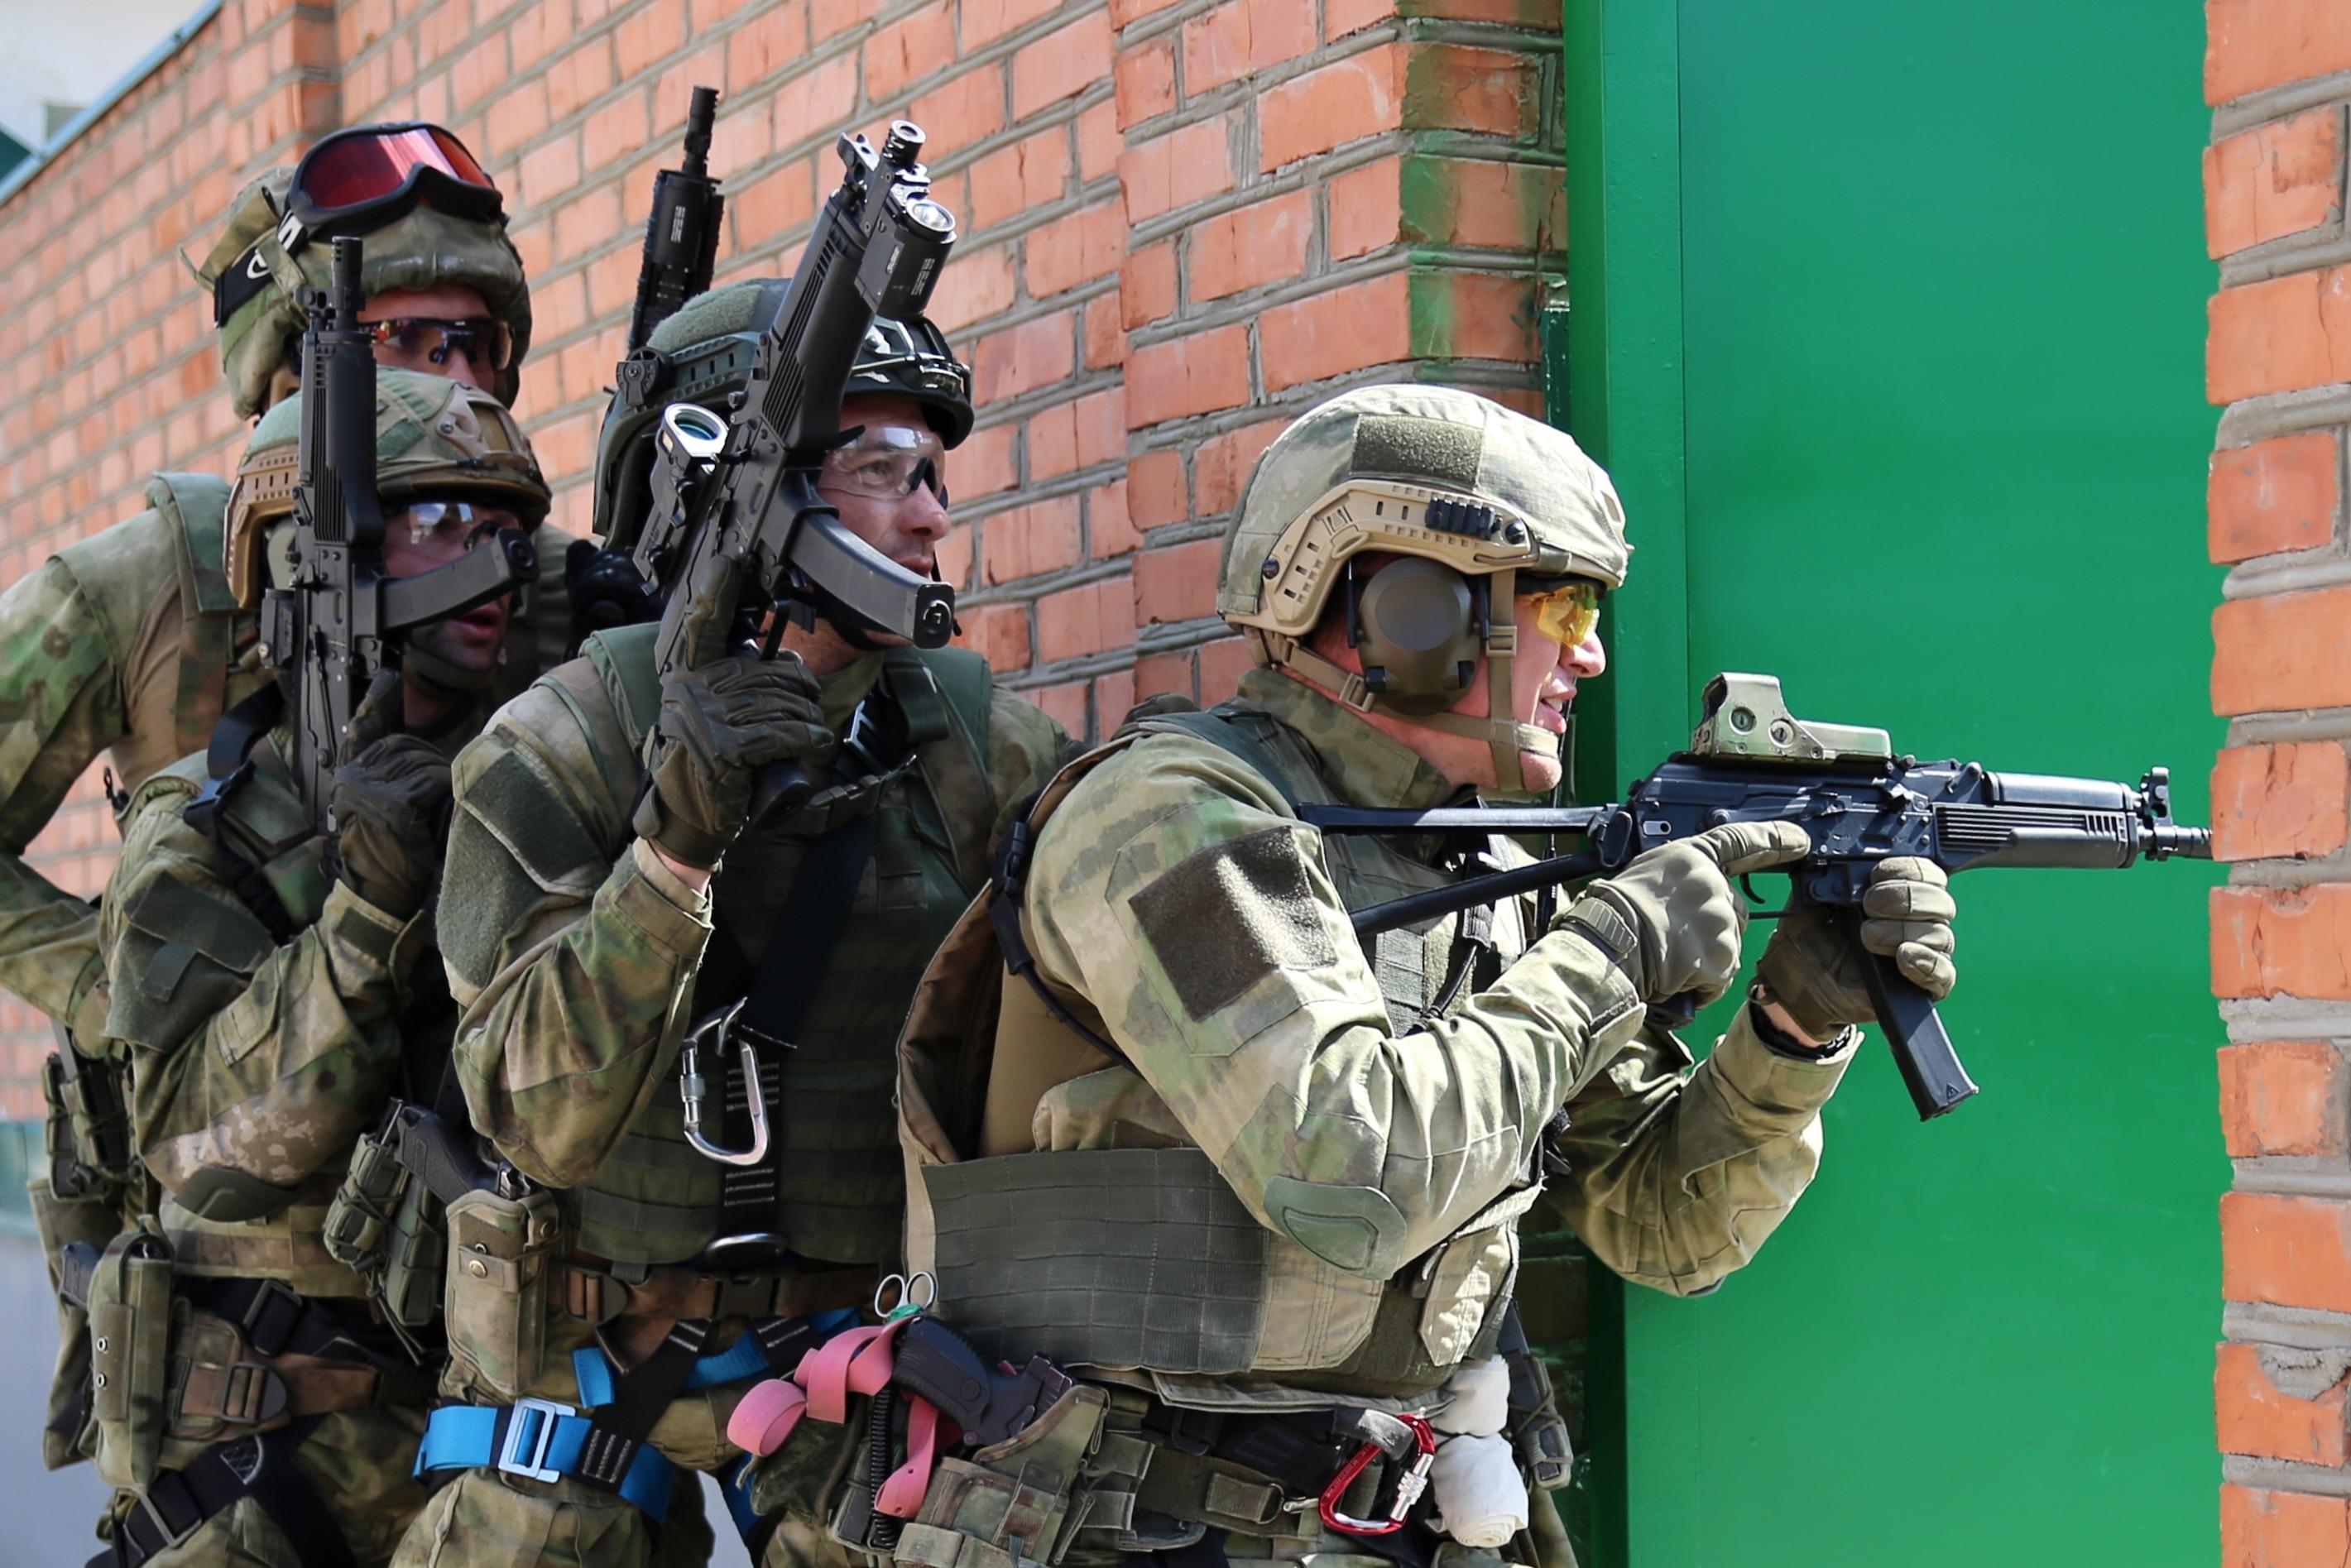 В Чечне пройдет чемпионат по тактической стрельбе среди военнослужащих